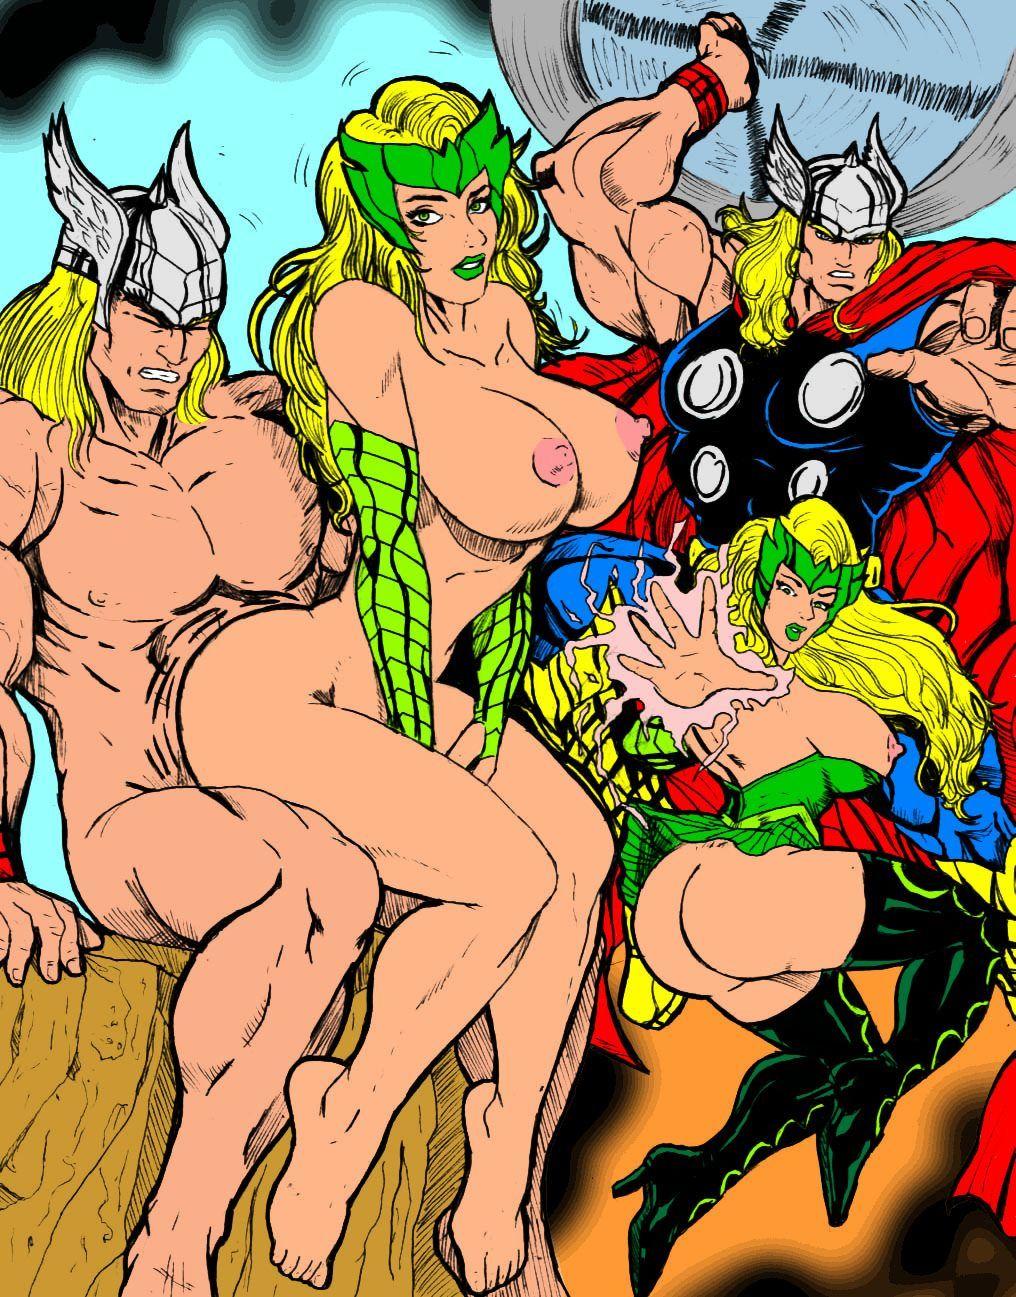 эротические комиксы героев